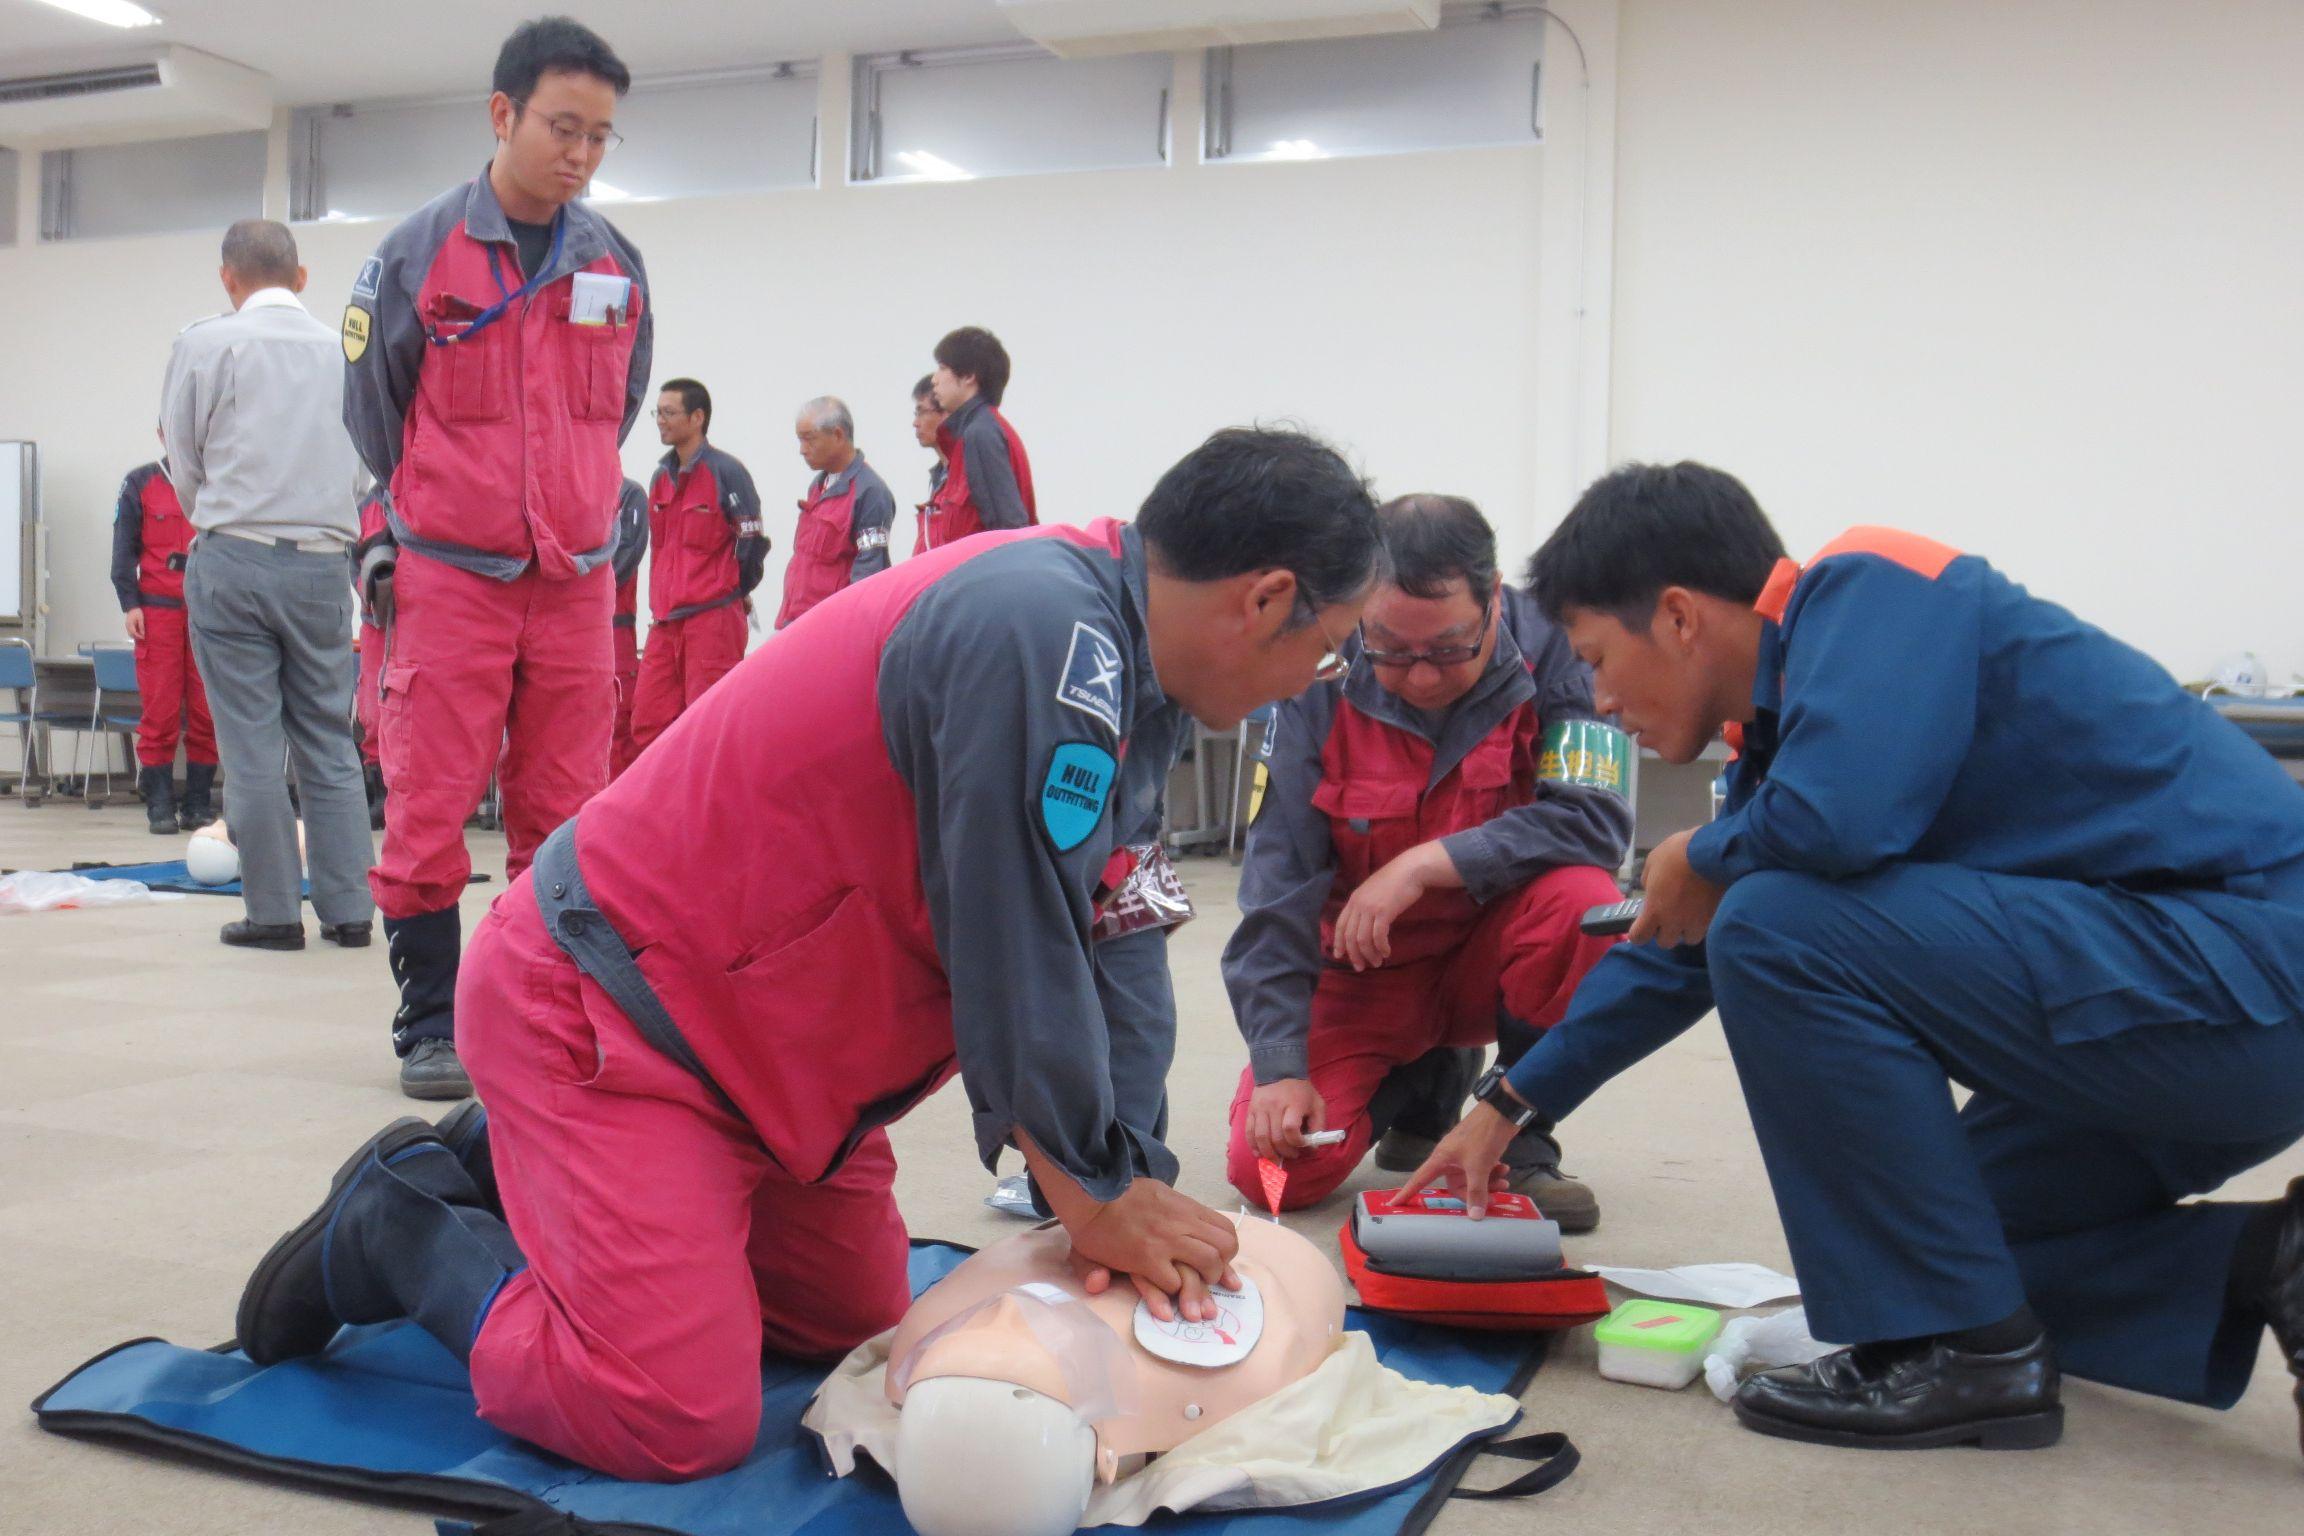 常石造船で福山西消防署の救急隊員の指導による、普通救命講習会を実施